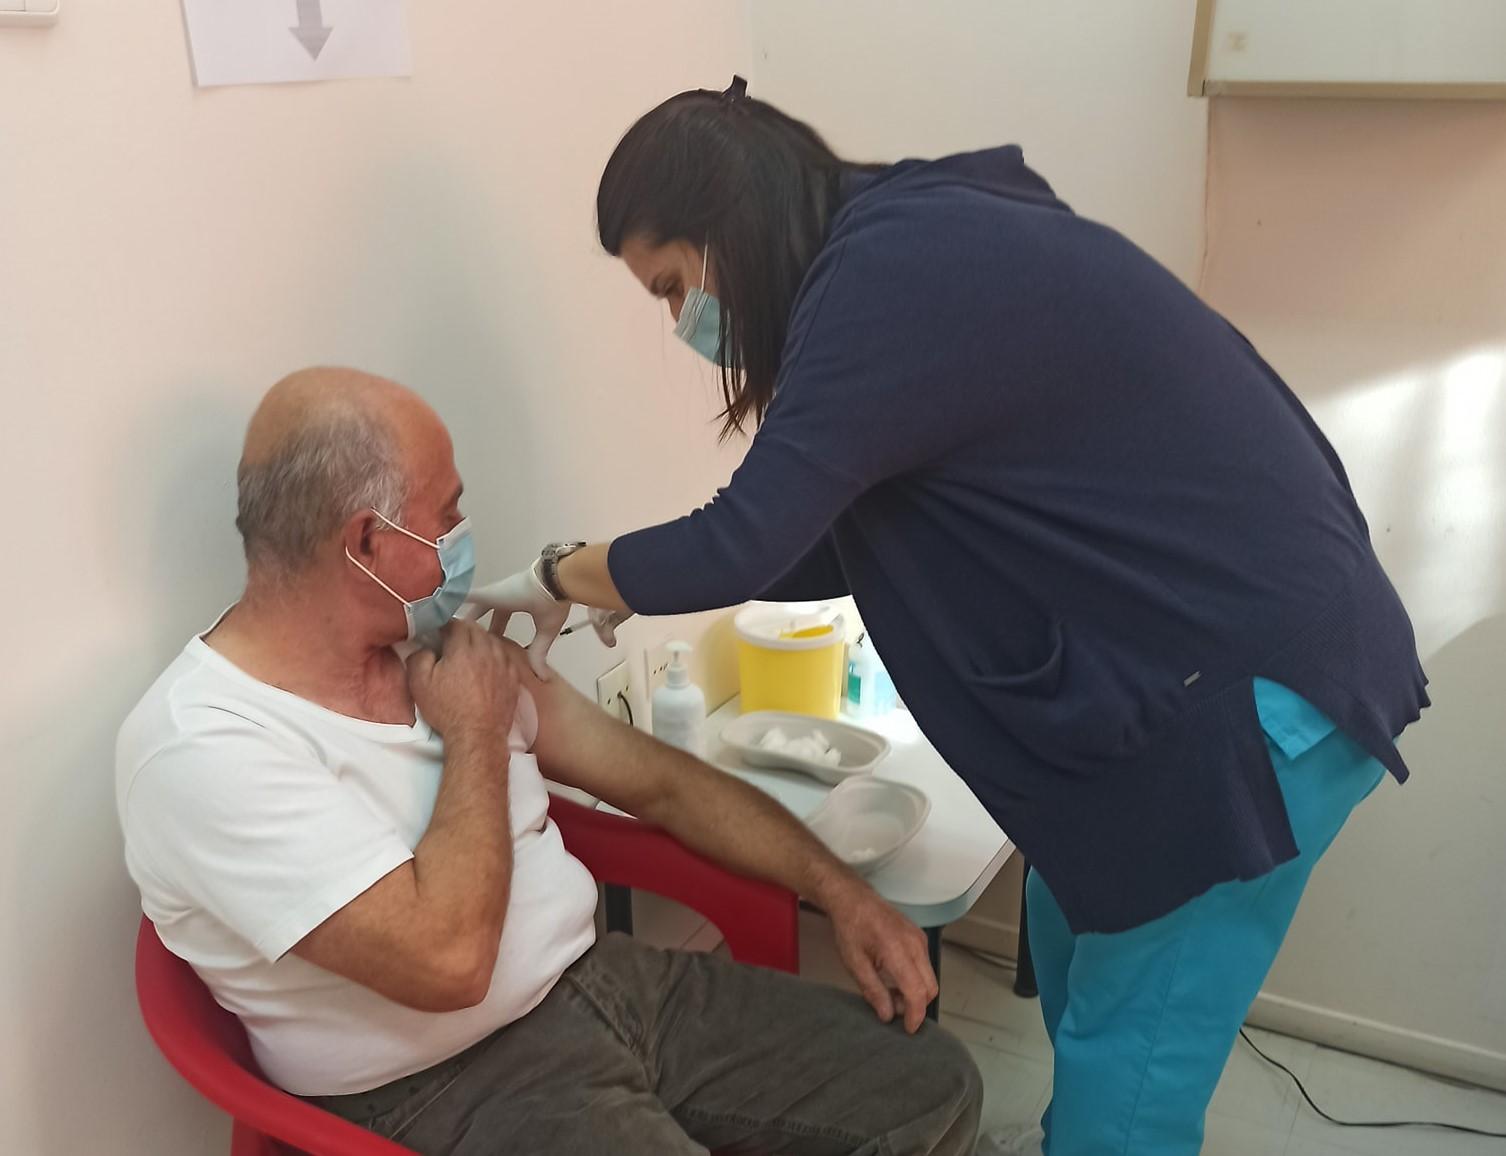 Ξάνθη: Έφτασαν τους 3.576 οι εμβολιασμοί – Ξεκίνησε και το AstraZeneca